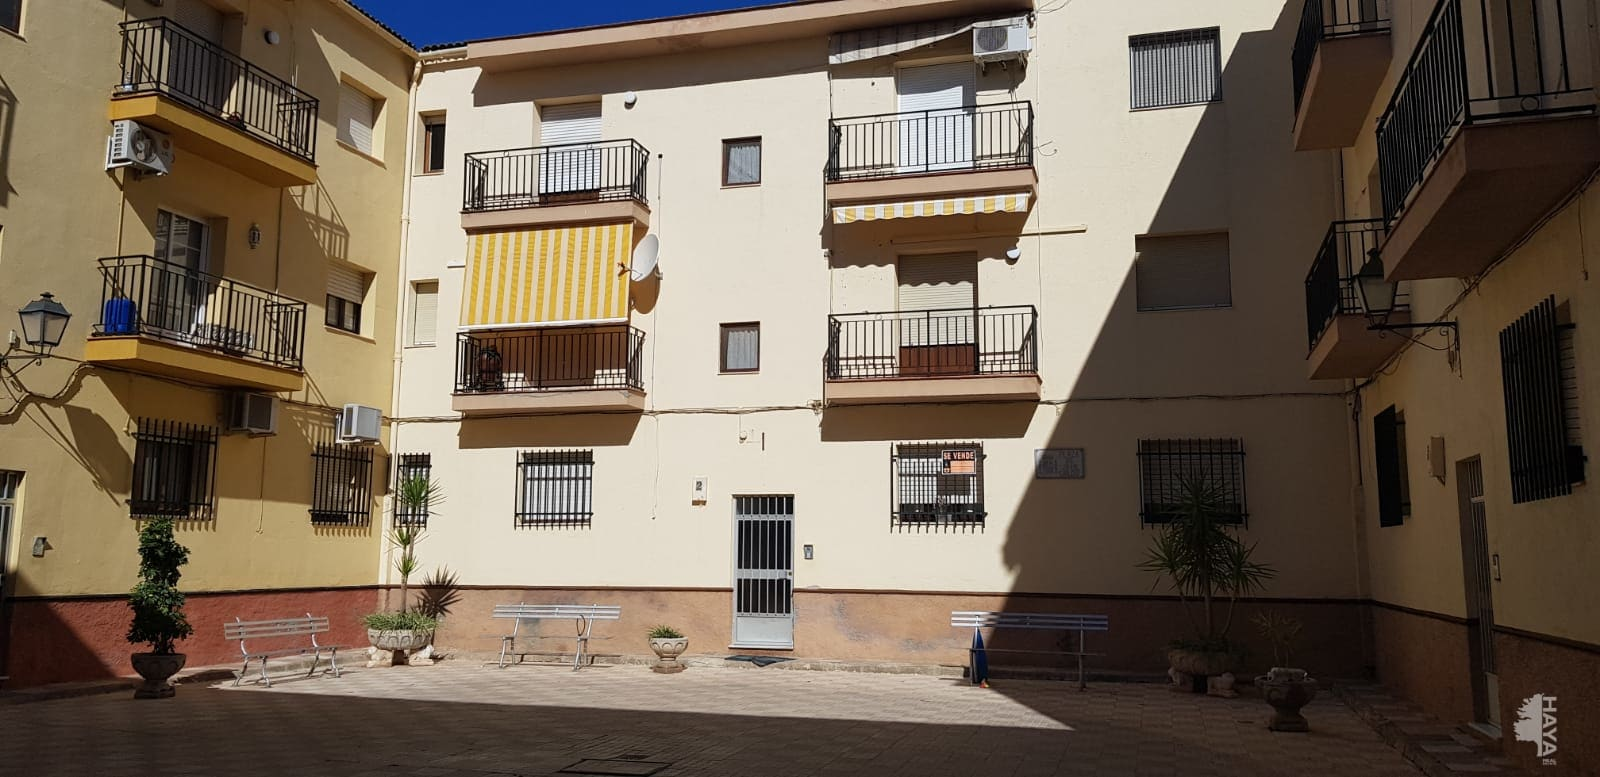 Piso en venta en Sierra de Yeguas, Málaga, Plaza Juan Carlos I, 29.790 €, 3 habitaciones, 1 baño, 87 m2